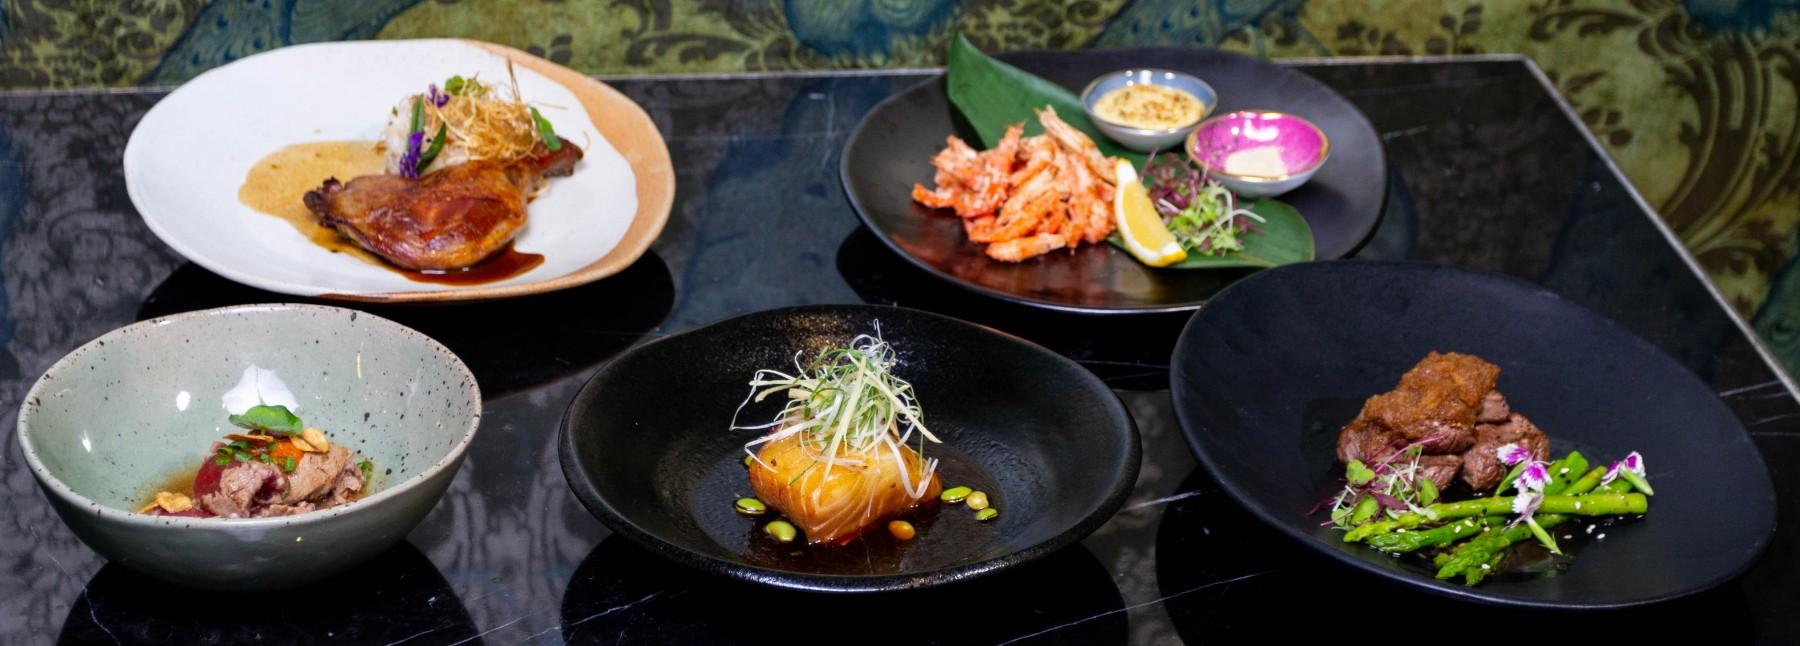 ชุดอาหารญี่ปุ่น 2 คอร์ส